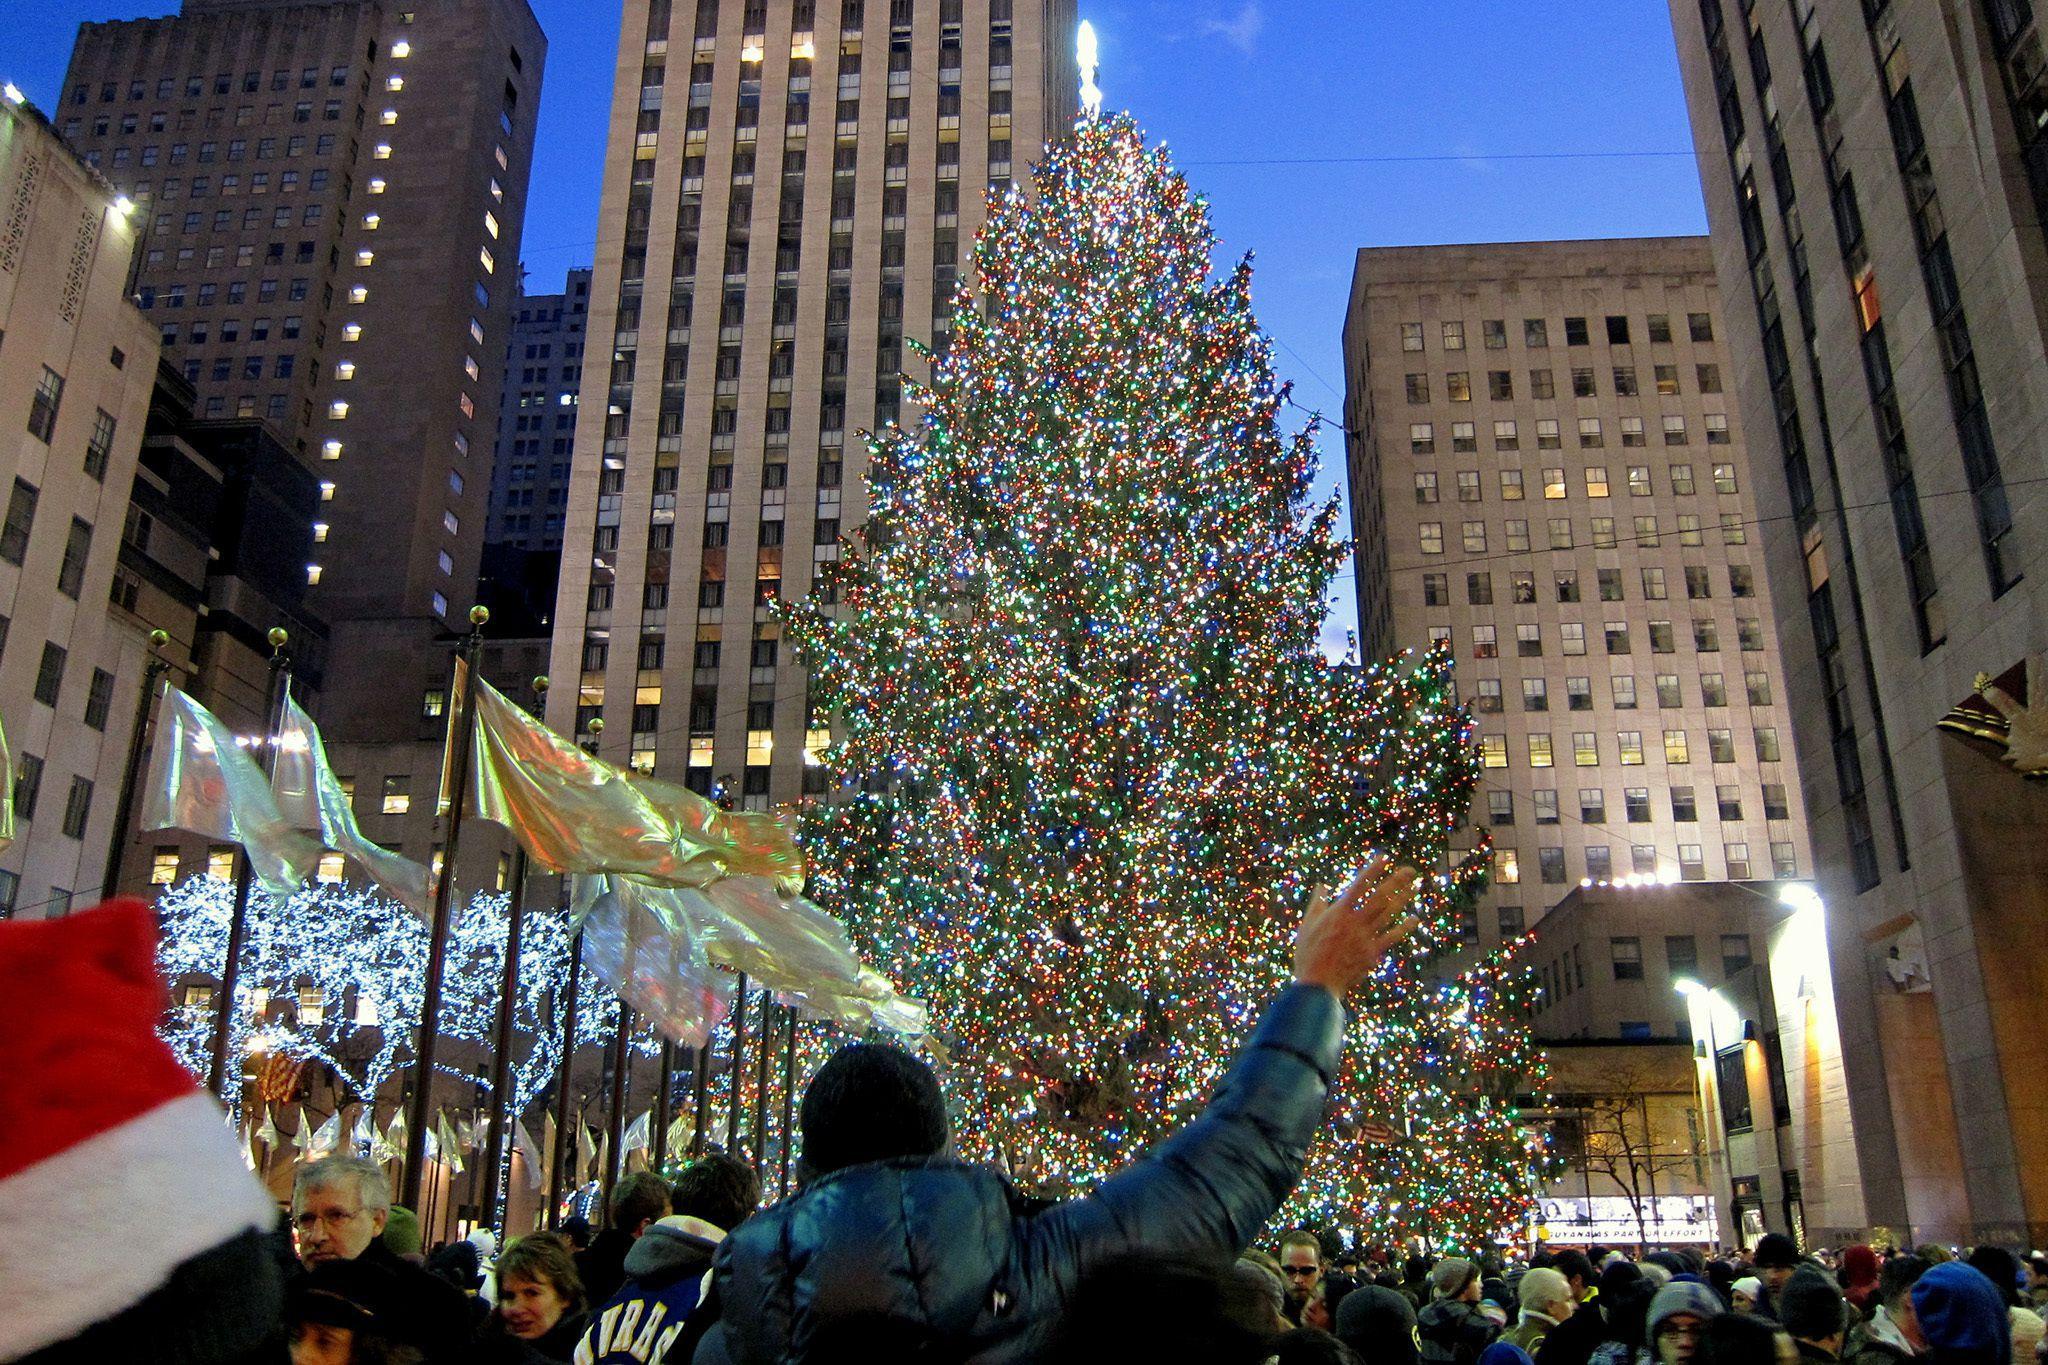 Rockefeller Center Images